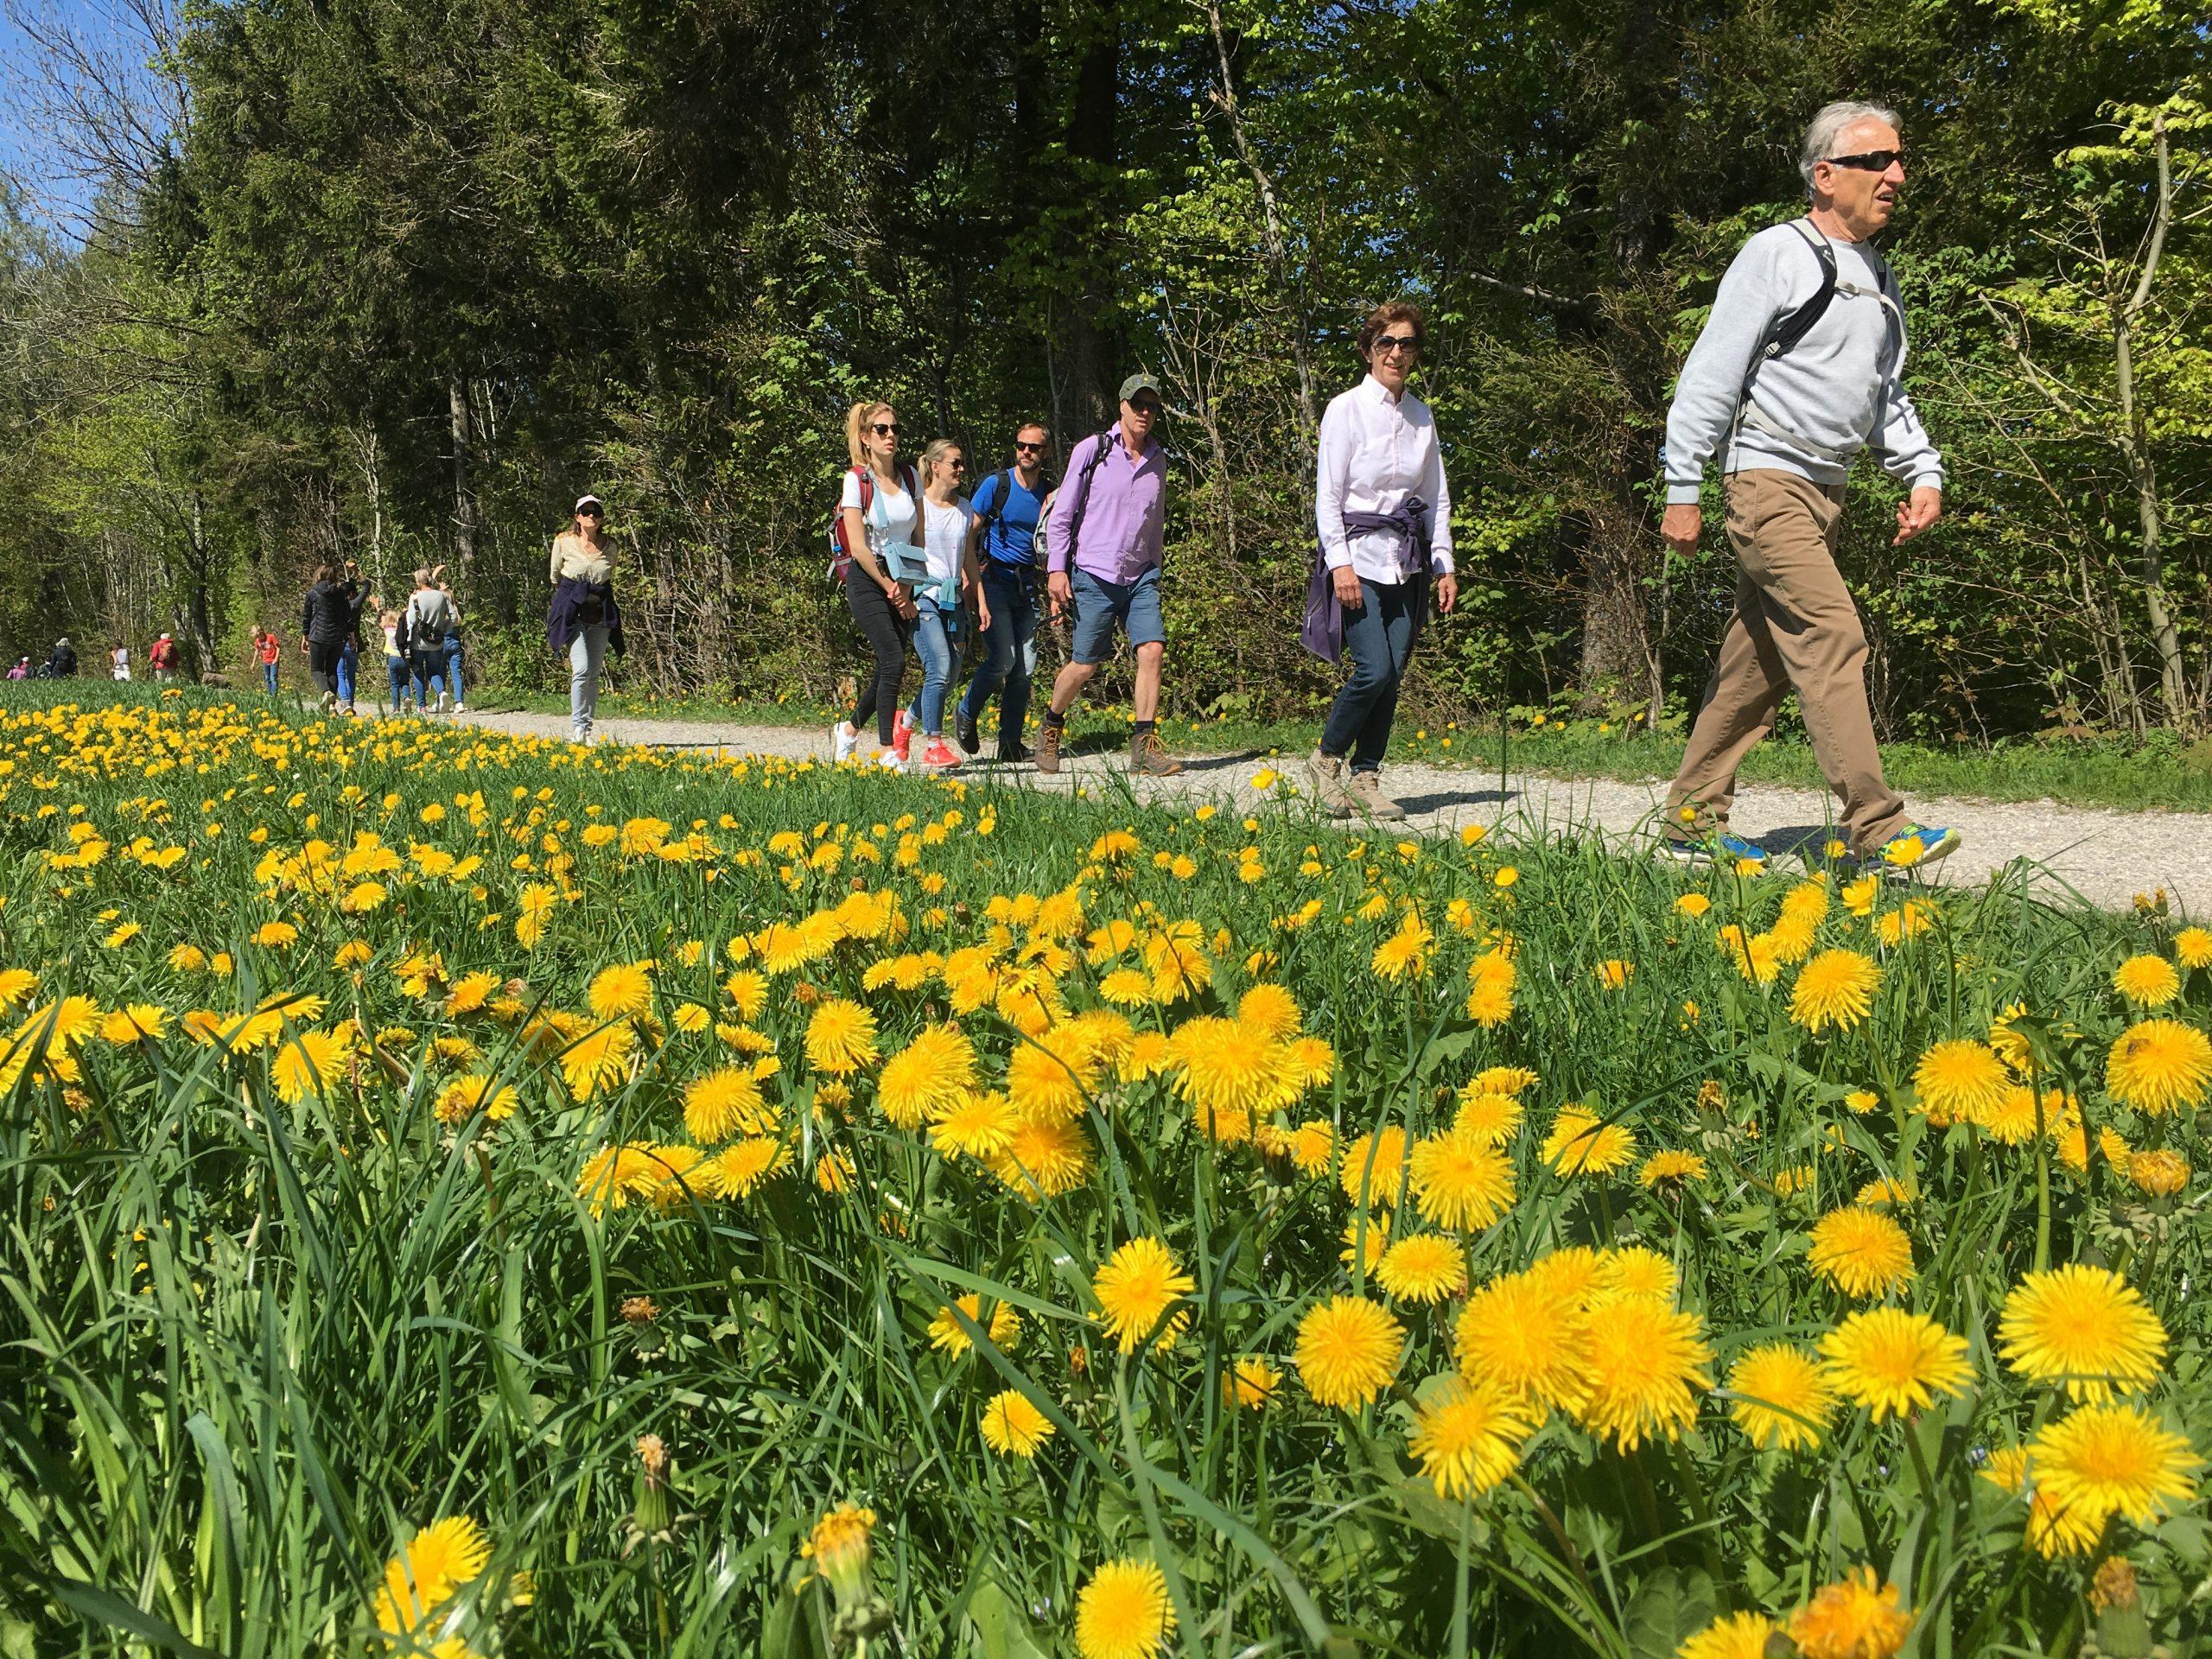 瑞士傳真|養成運動好習慣 退休開始不嫌晚